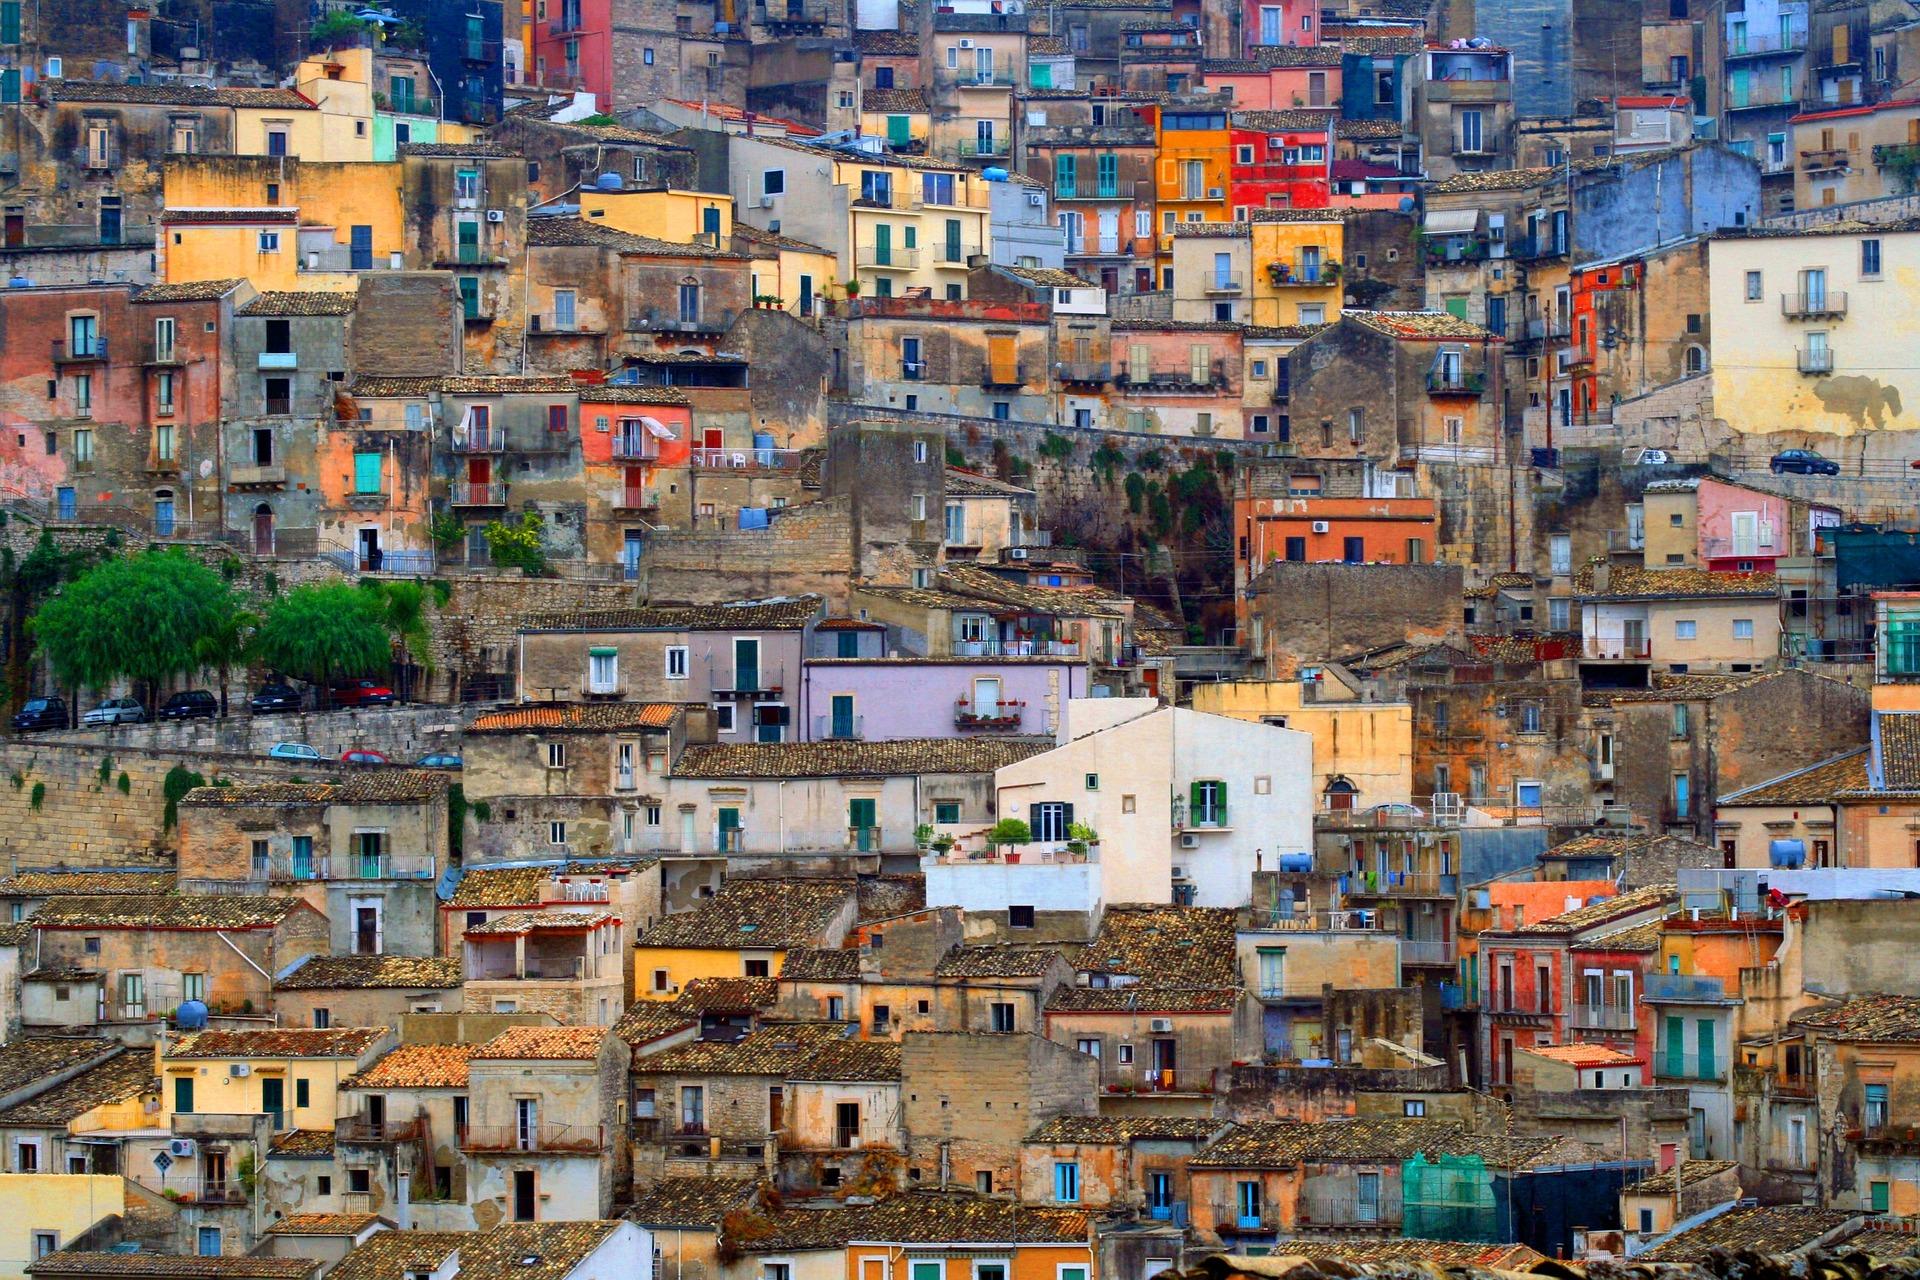 El Esplendor de Sicilia